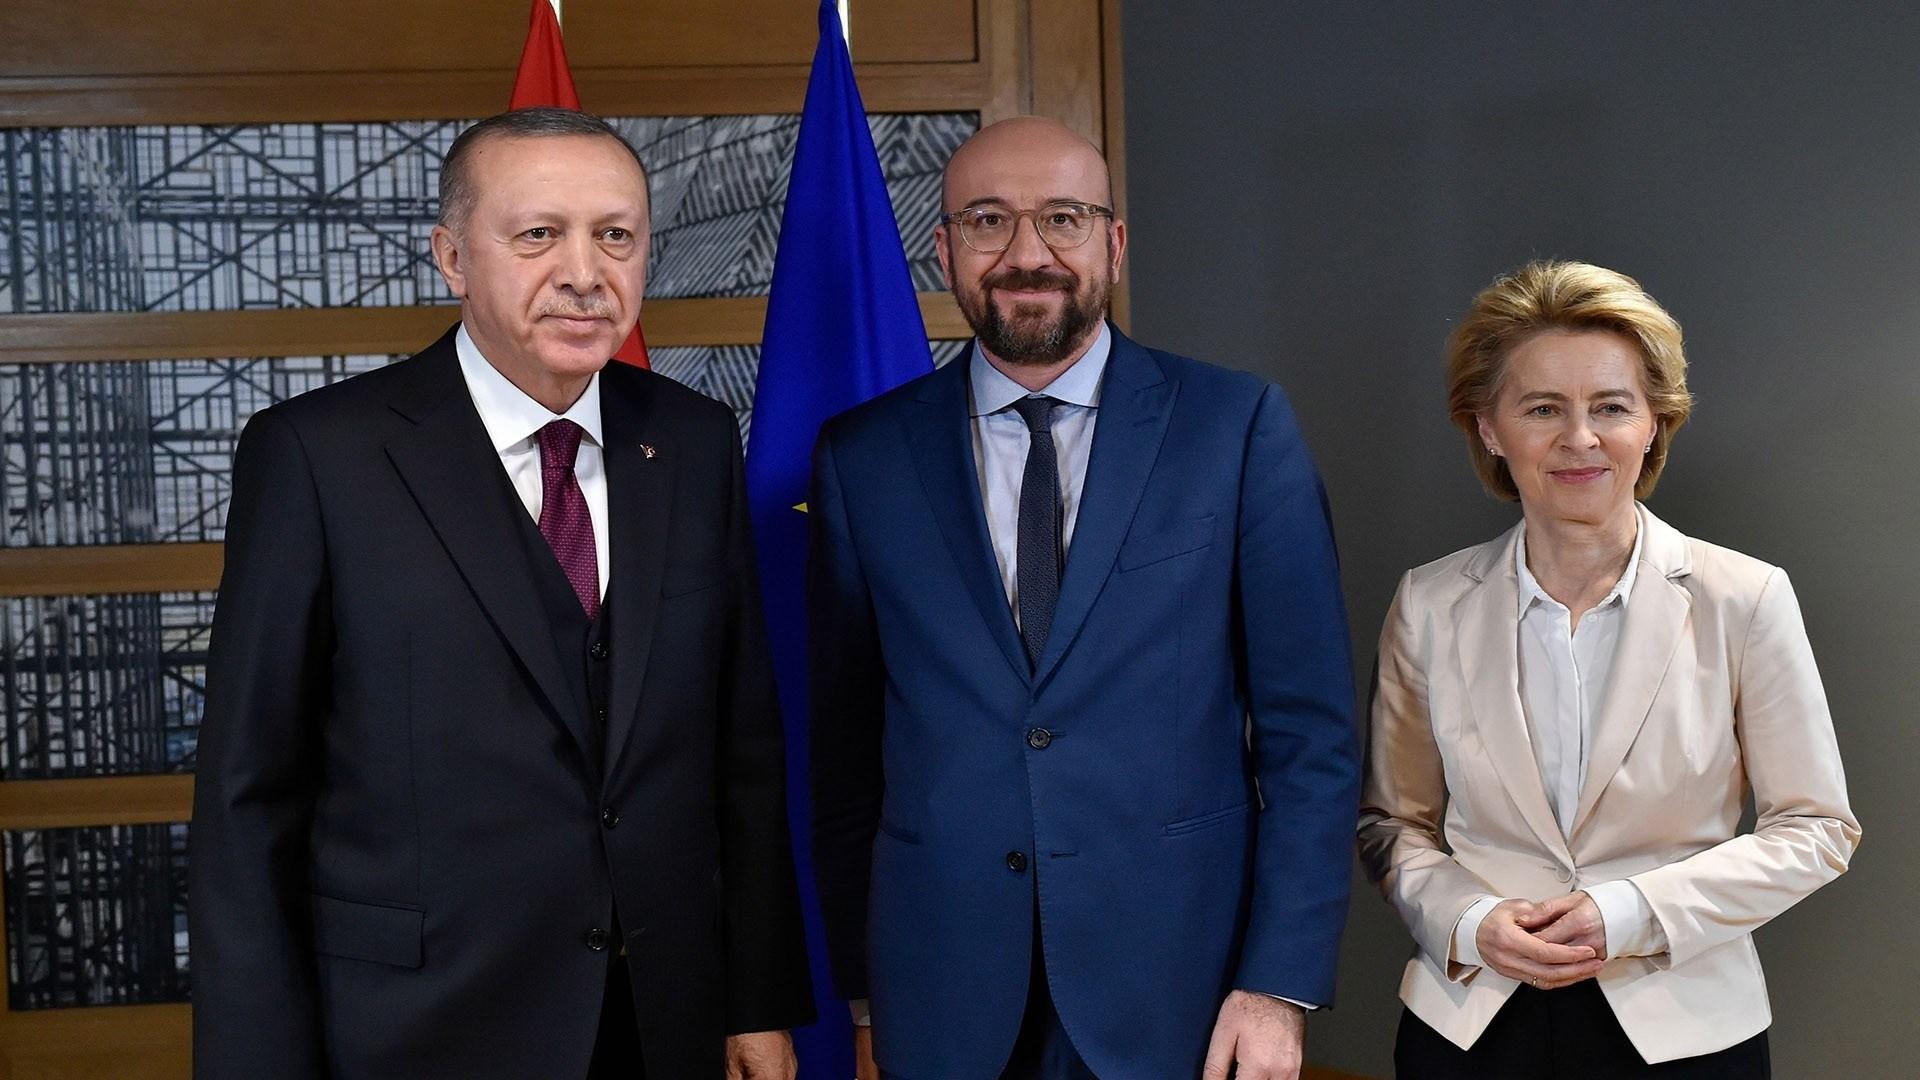 الاتحاد الأوروبي وتركيا يباشران العمل لمراجعة اتفاقية الهجرة